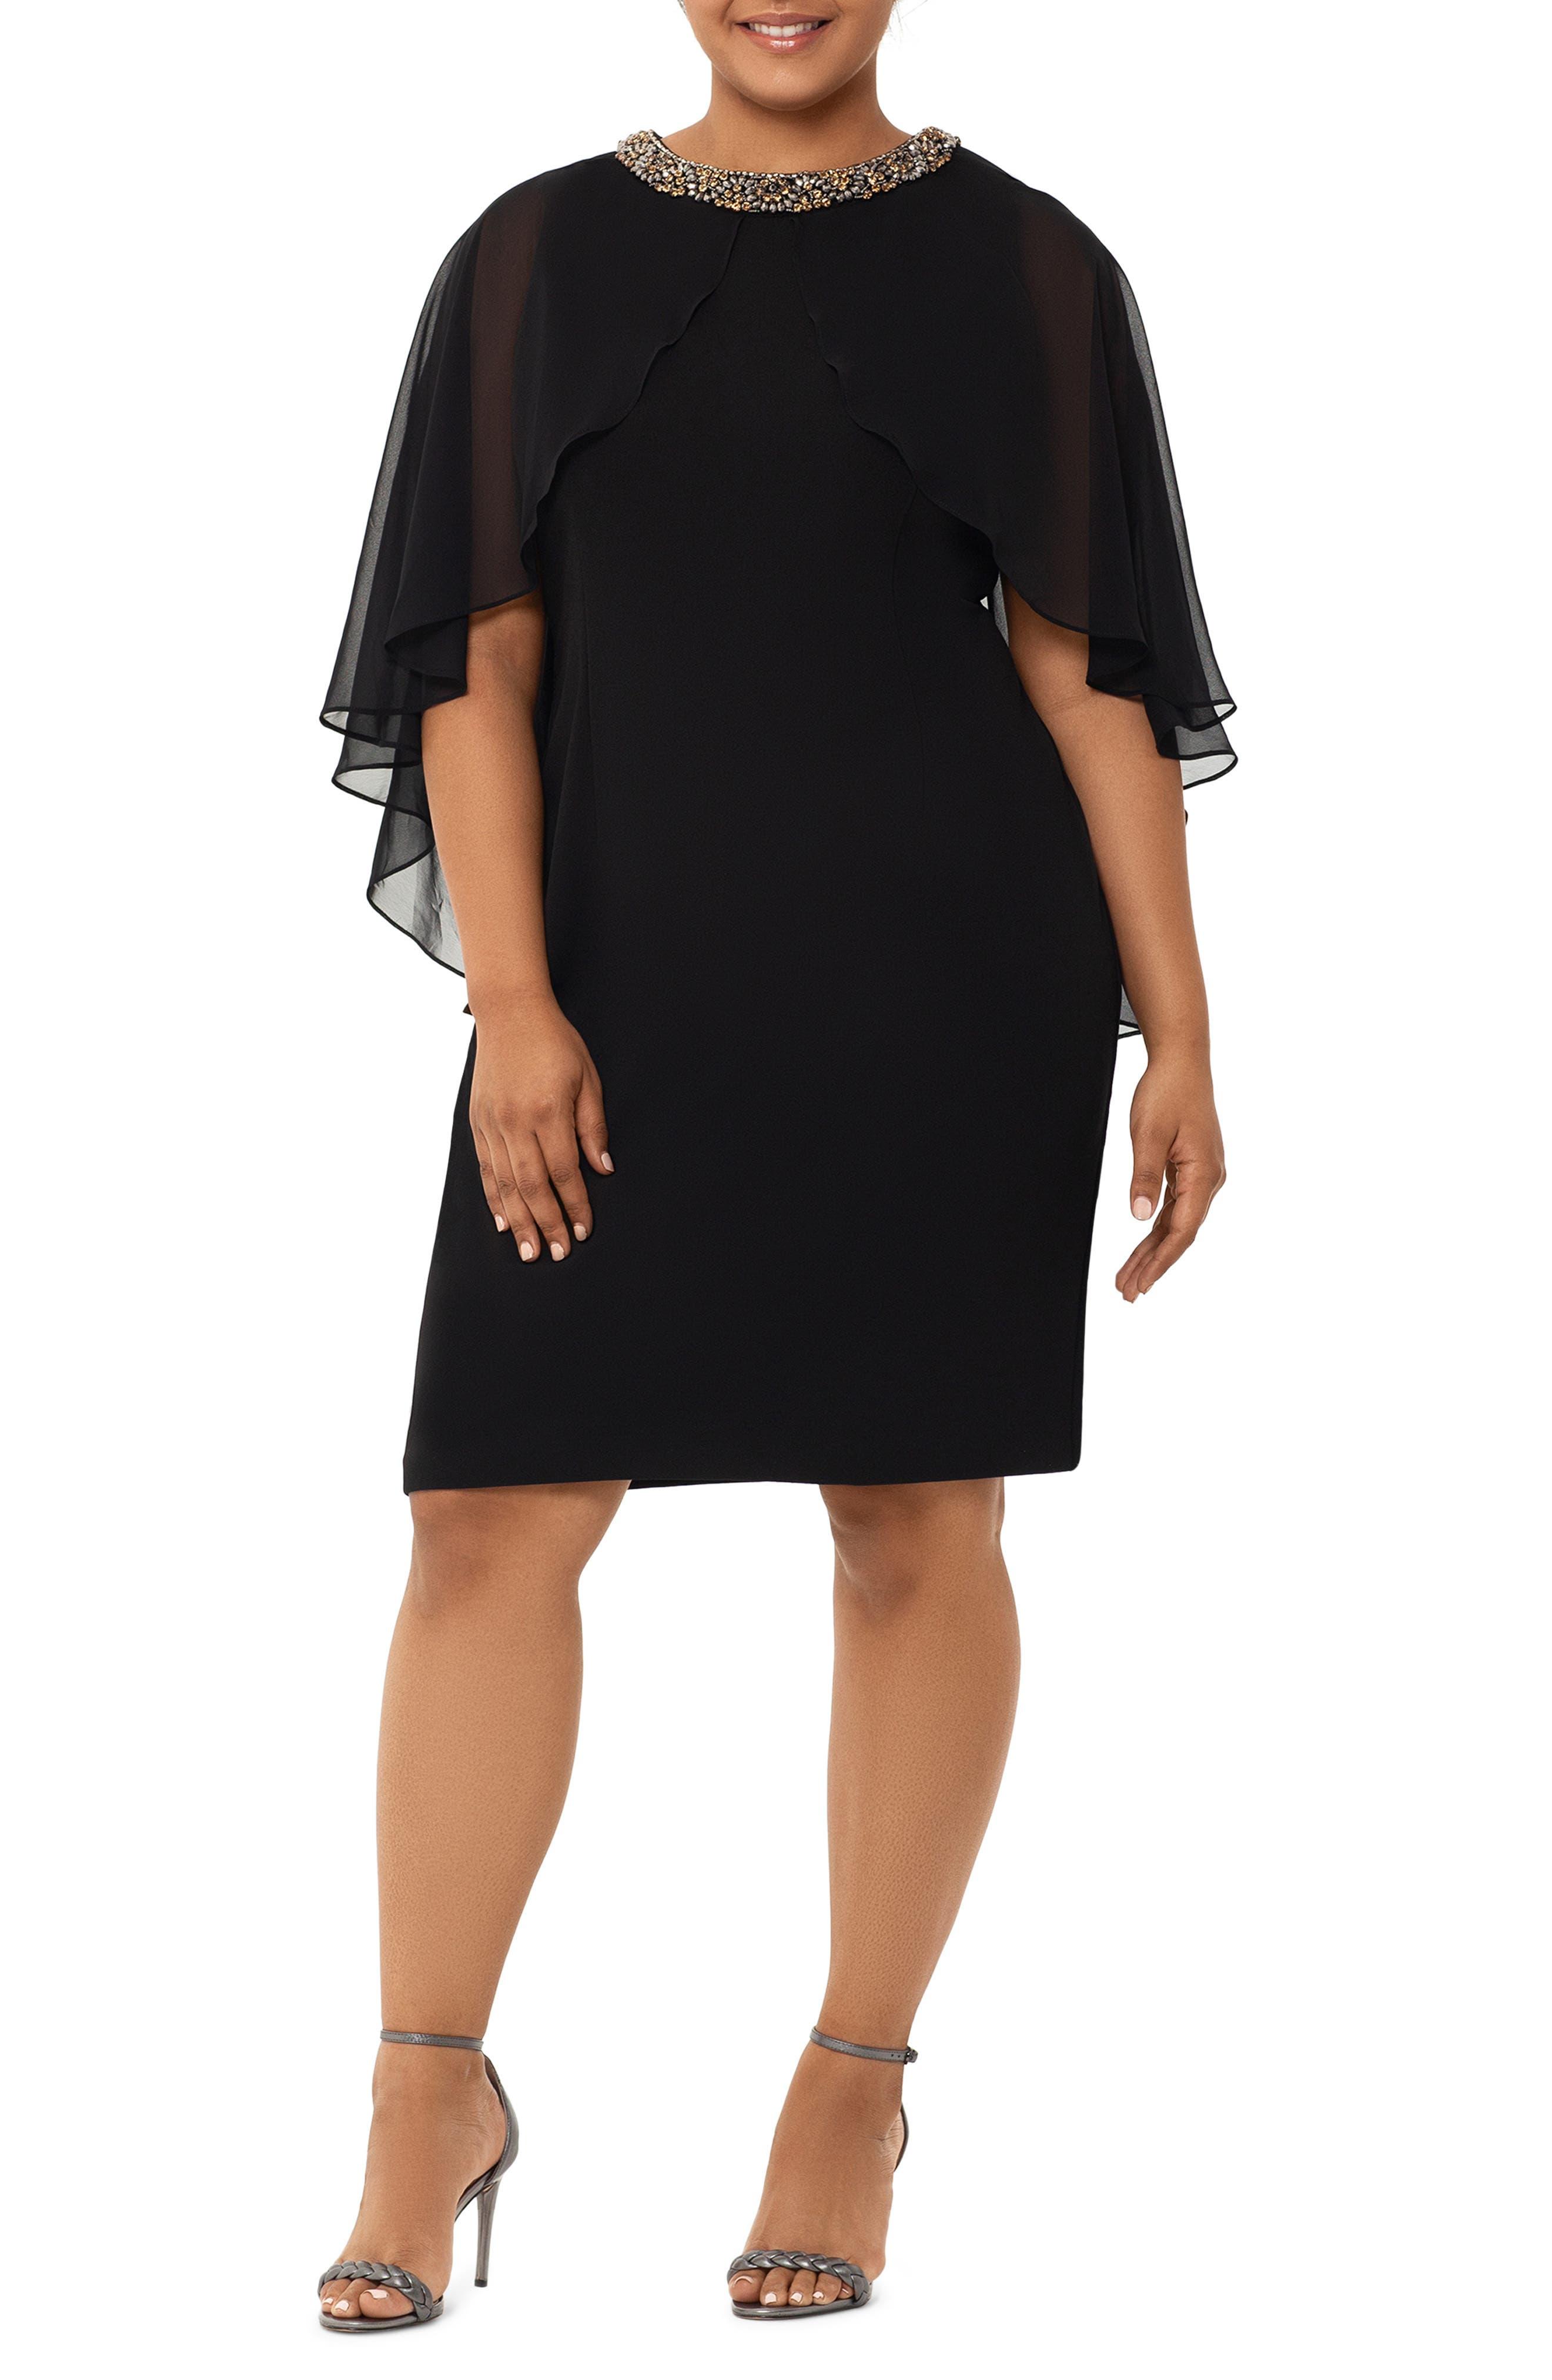 Plus Size Vintage Dresses, Plus Size Retro Dresses Plus Size Womens Xscape Chiffon Cape Sleeve Beaded Neckline Cocktail Dress $218.00 AT vintagedancer.com